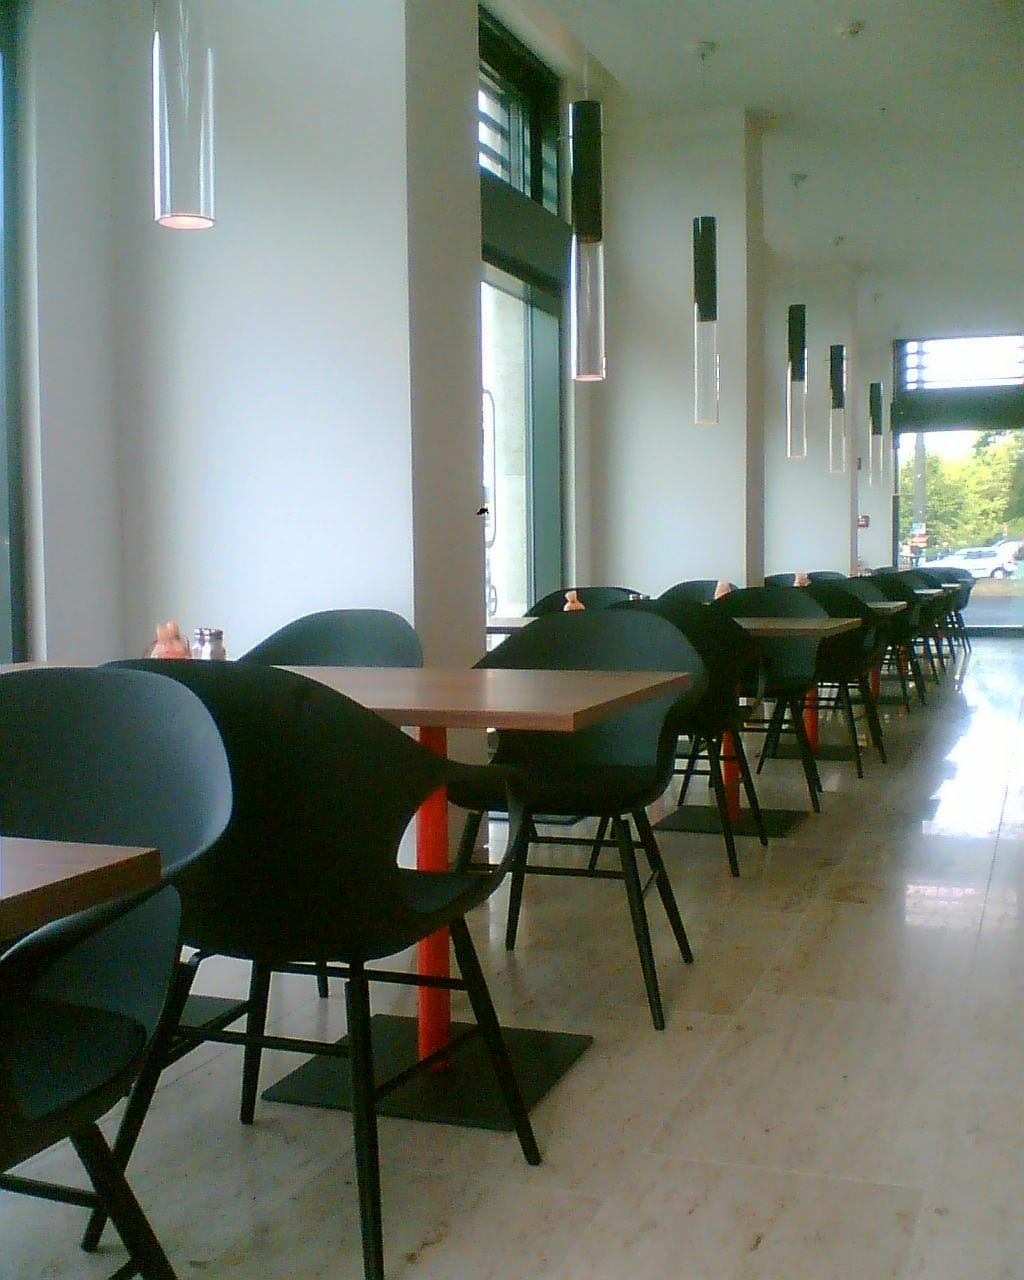 Restaurant wandel 3 berlin de restaurants and interiors - Restaurant wandel ...